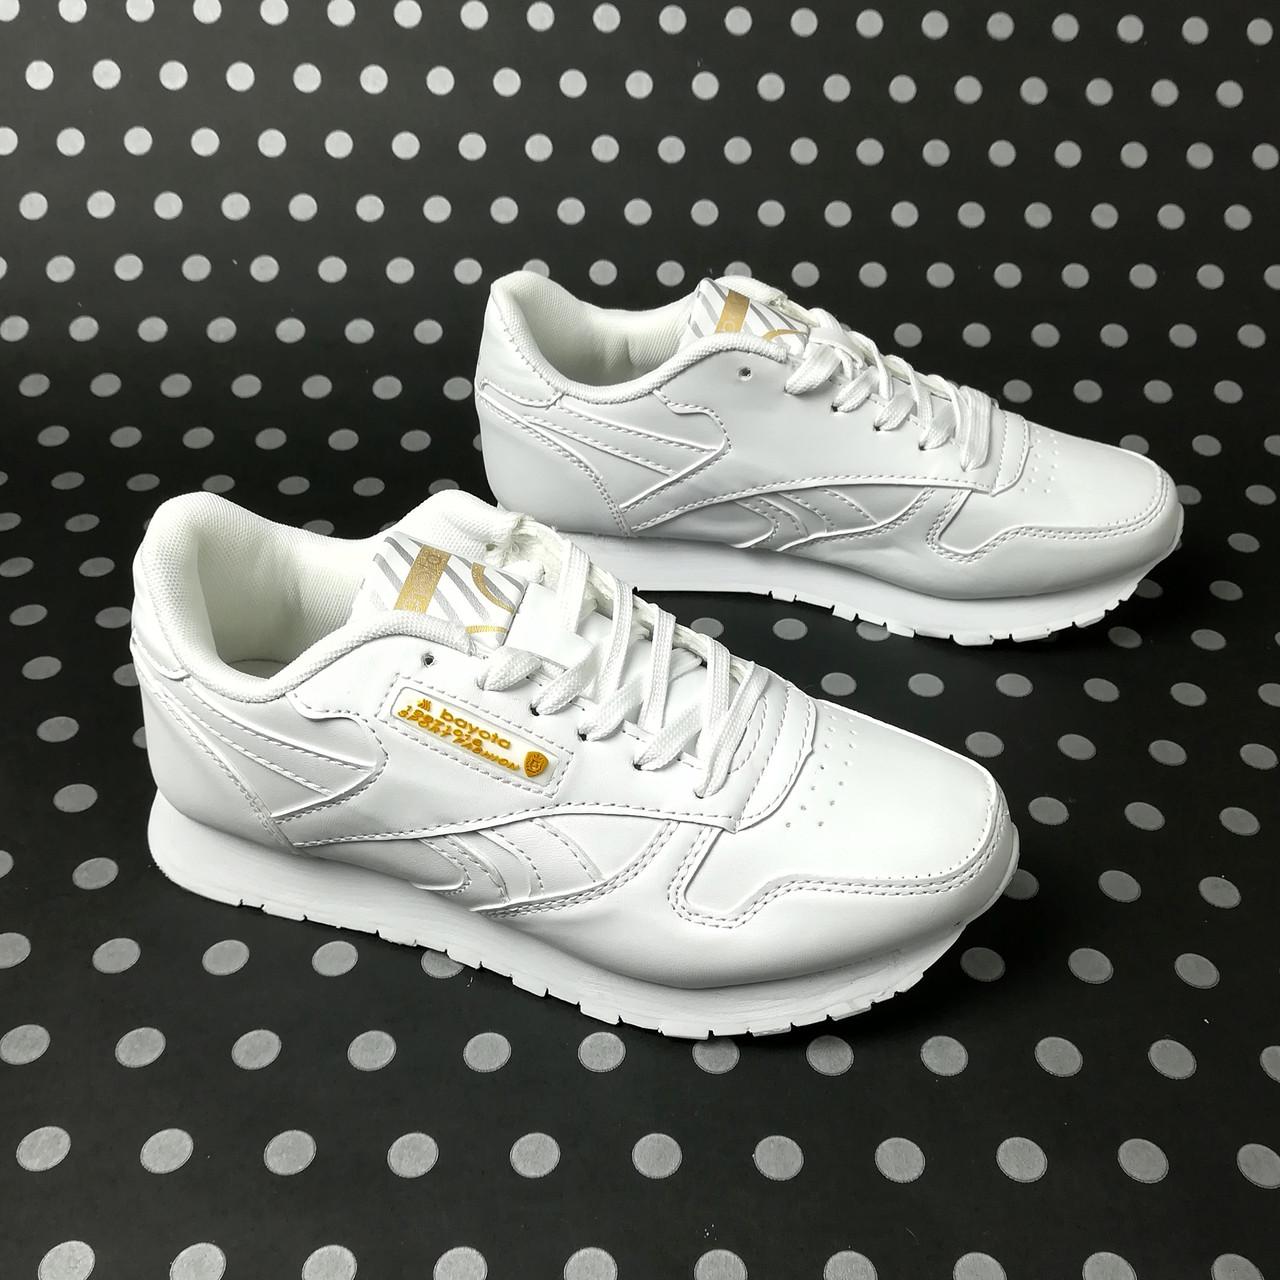 Жіночі кросівки білі женские кроссовки белые  продажа 17d544ce9a6a6